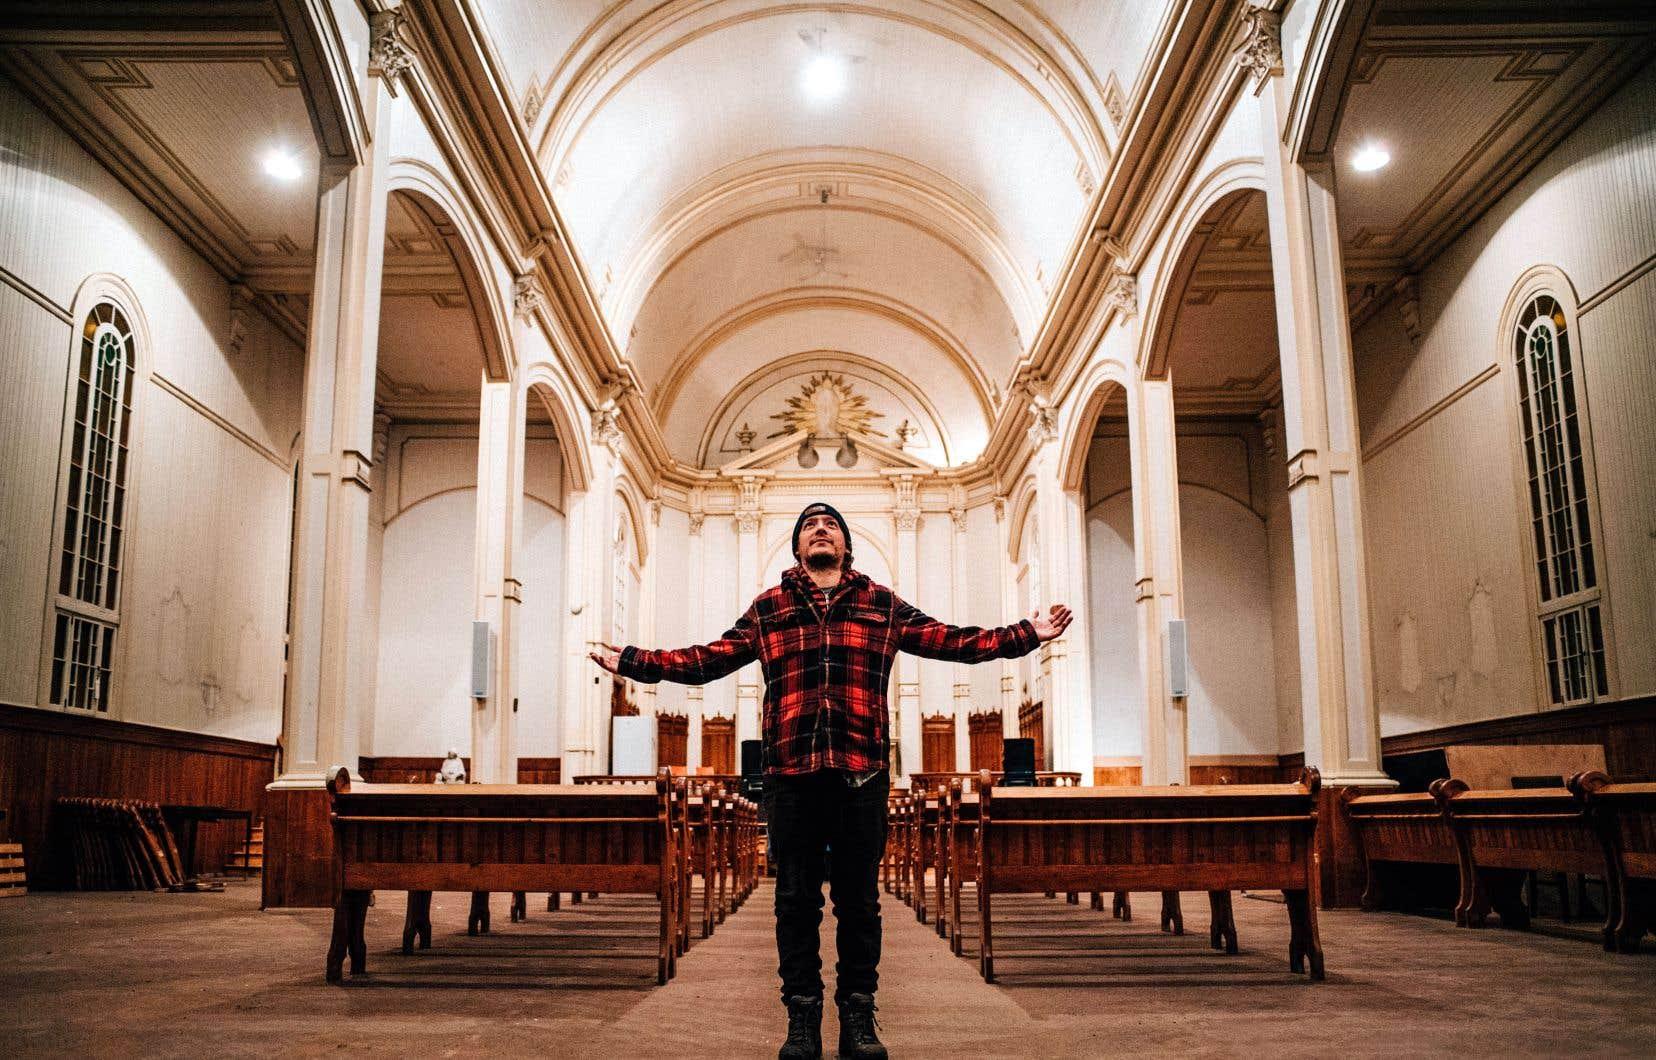 Le musicien Pierre-Philippe Côté, appelé «Pilou», vient tout juste d'acquérir l'église du village de Saint-Adrien pour en faire un lieu où pourront se croiser les mondes.